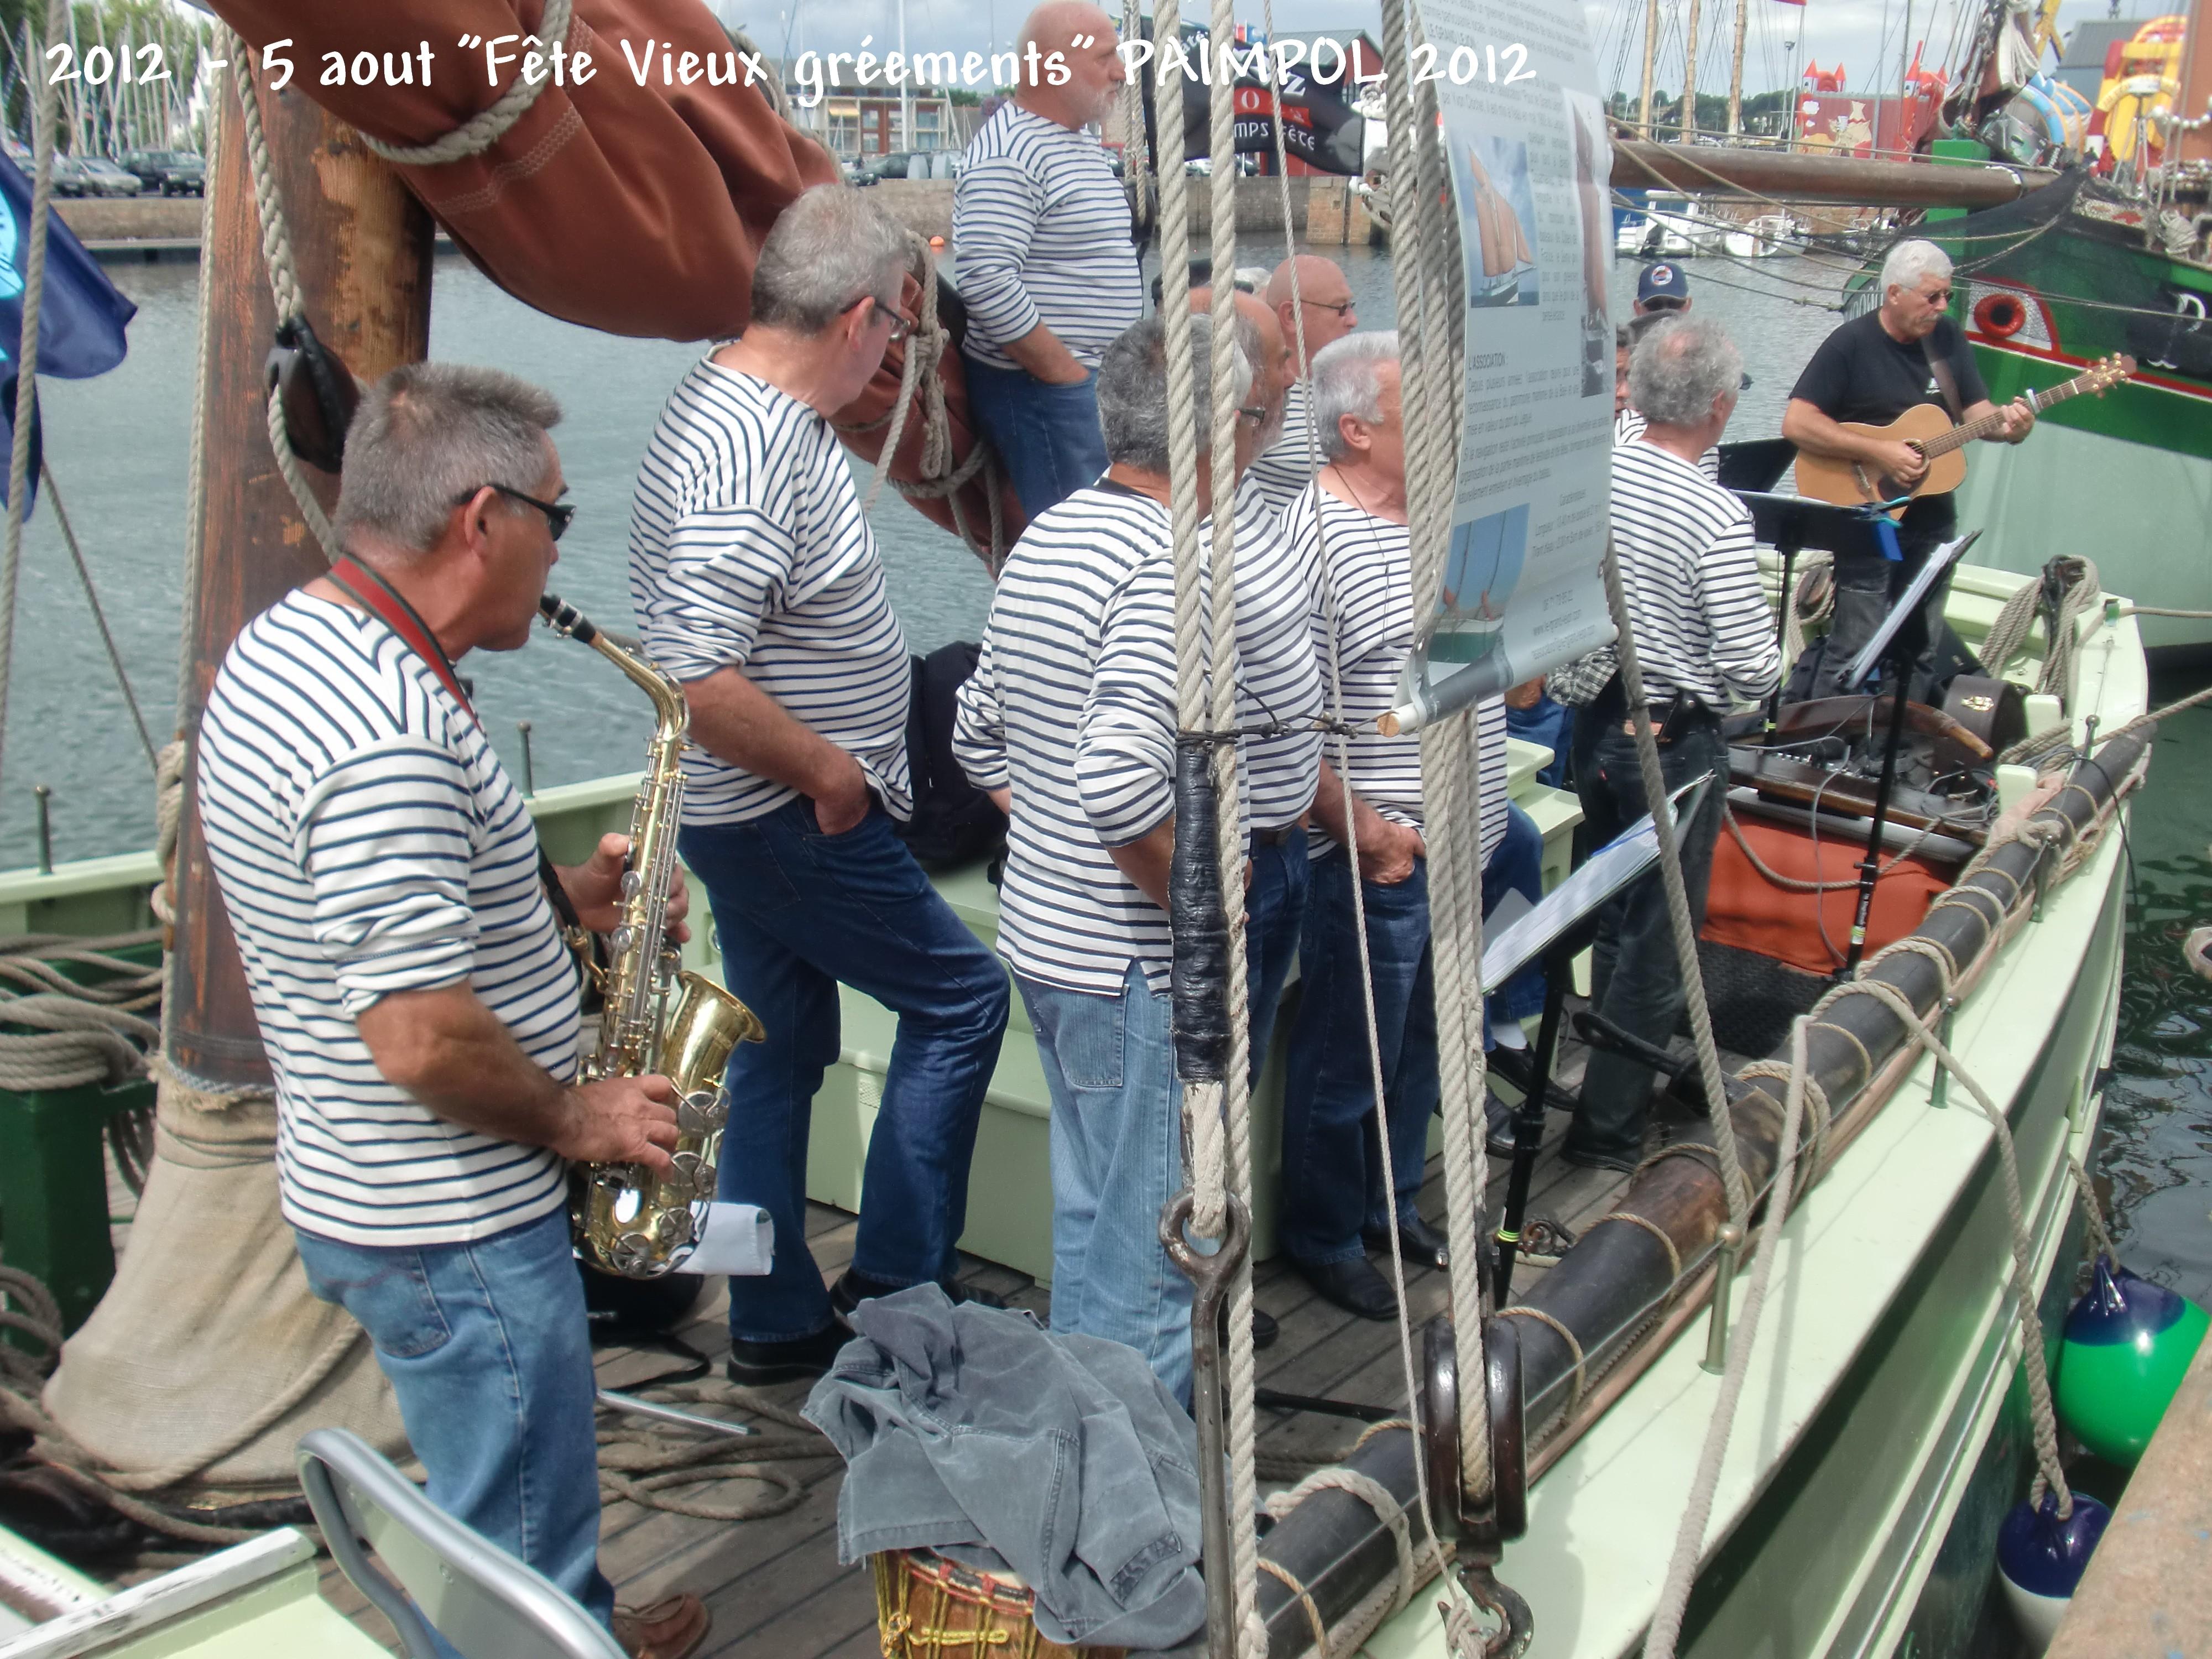 Gabiers à Paimpol 5 Aout 2012 039.jpg